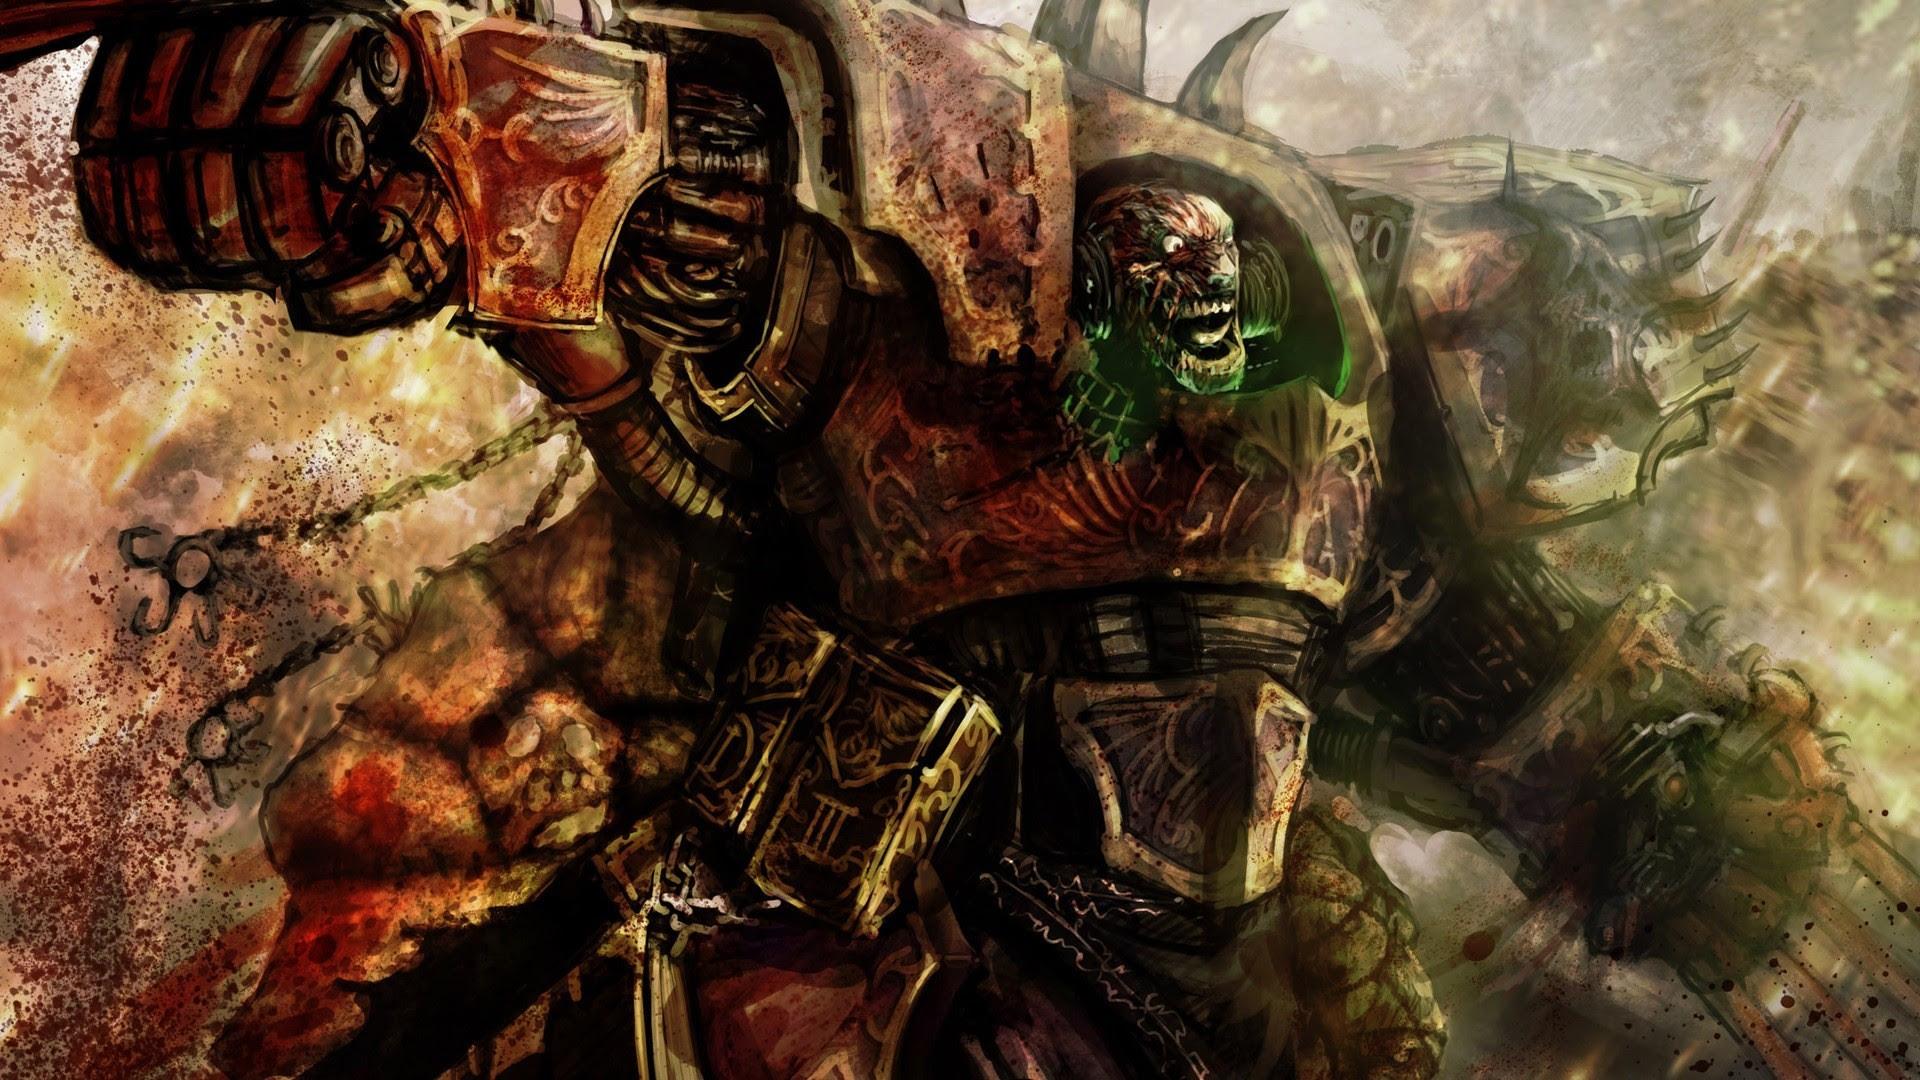 Warhammer 40k Ork Wallpaper 63 Images